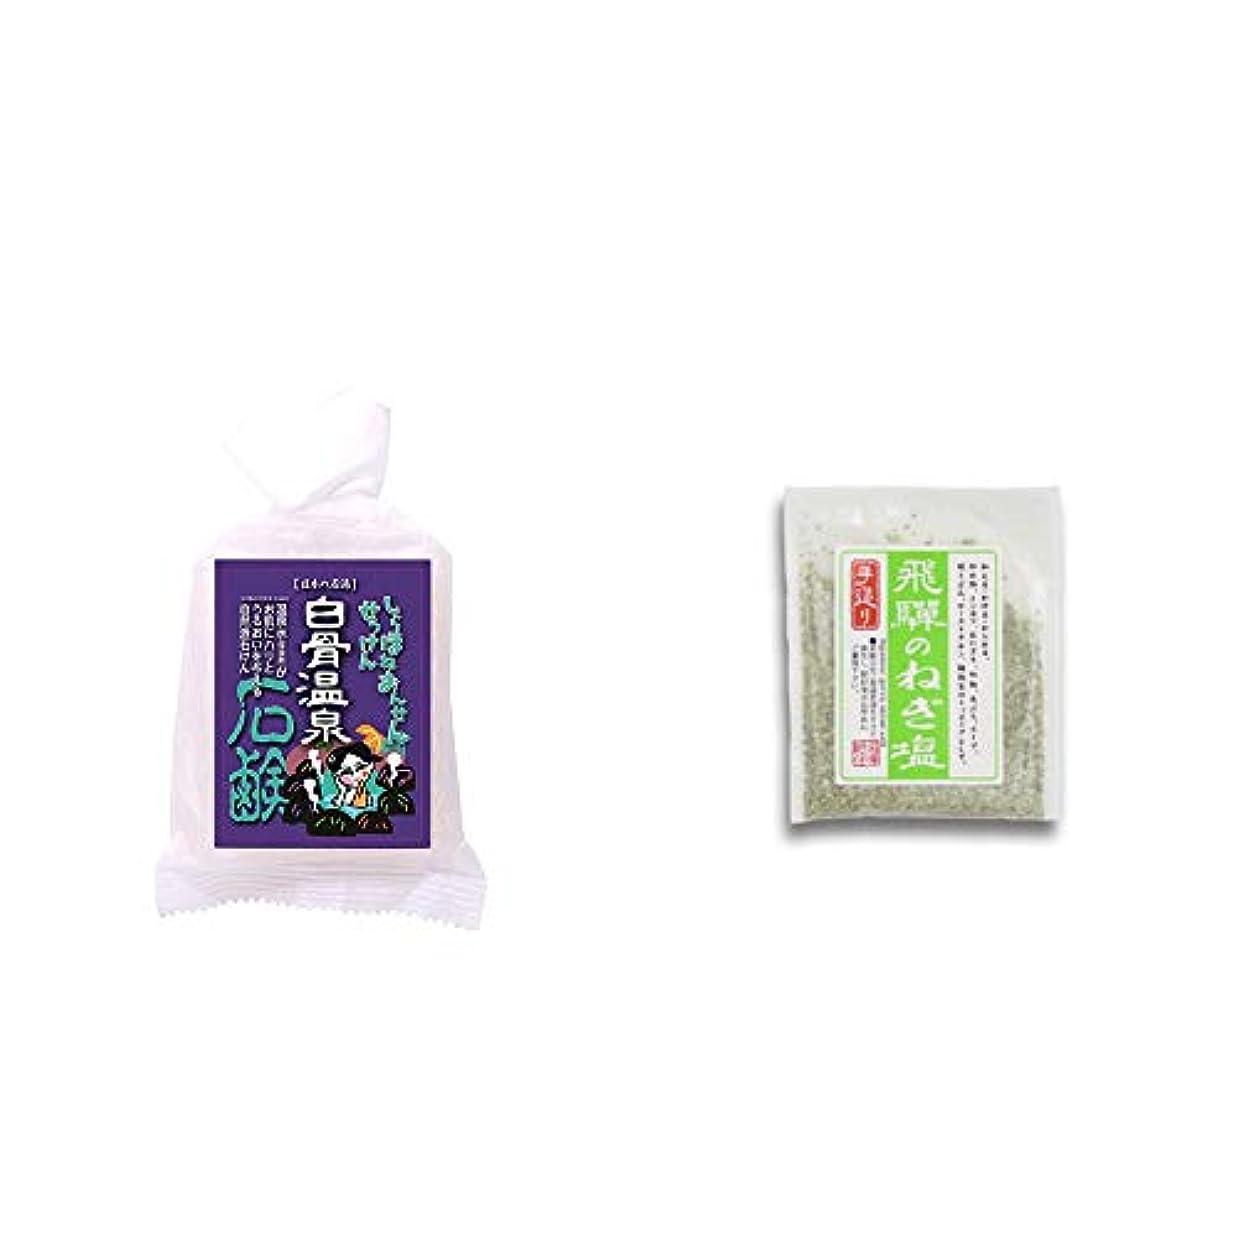 バンク抽出細断[2点セット] 信州 白骨温泉石鹸(80g)?手造り 飛騨のねぎ塩(40g)